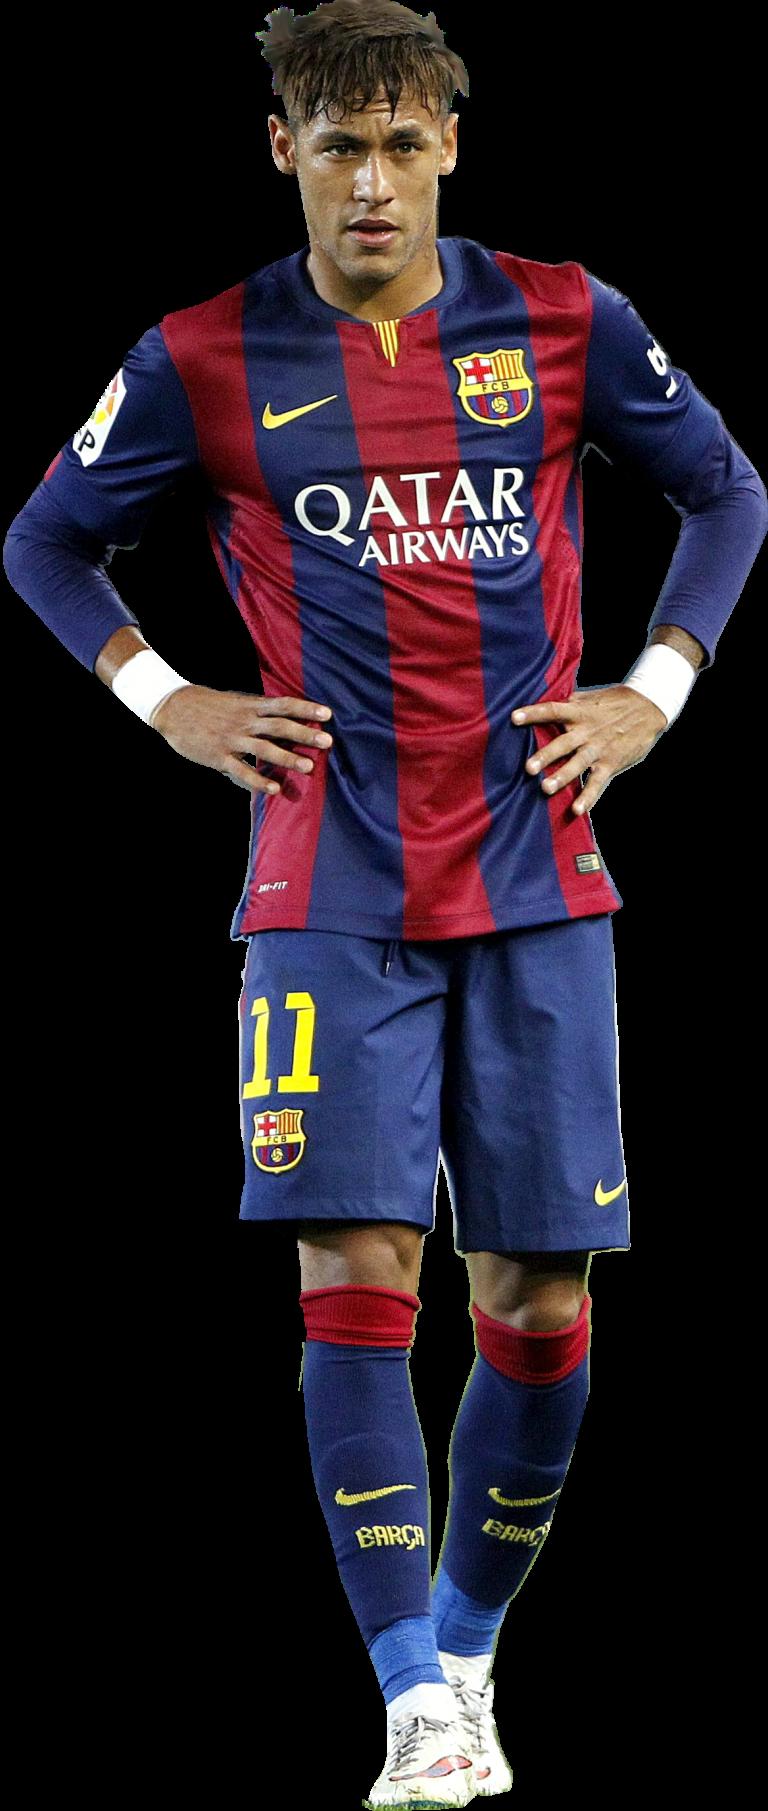 Neymar football render 12202 footyrenders - Render barcelona ...